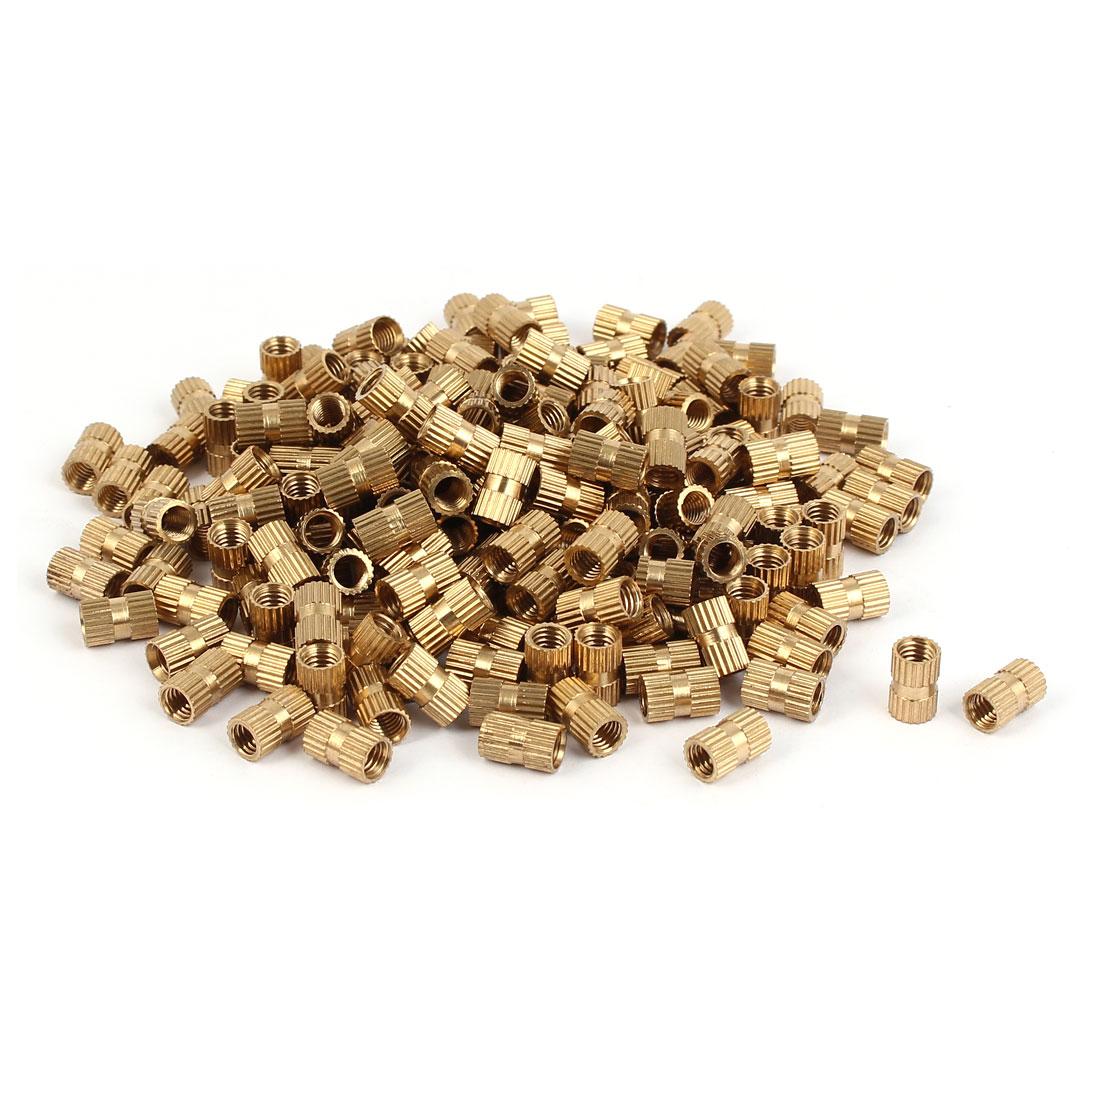 M5 x 10mm Female Thread Brass Knurled Threaded Insert Embedment Nuts 200PCS